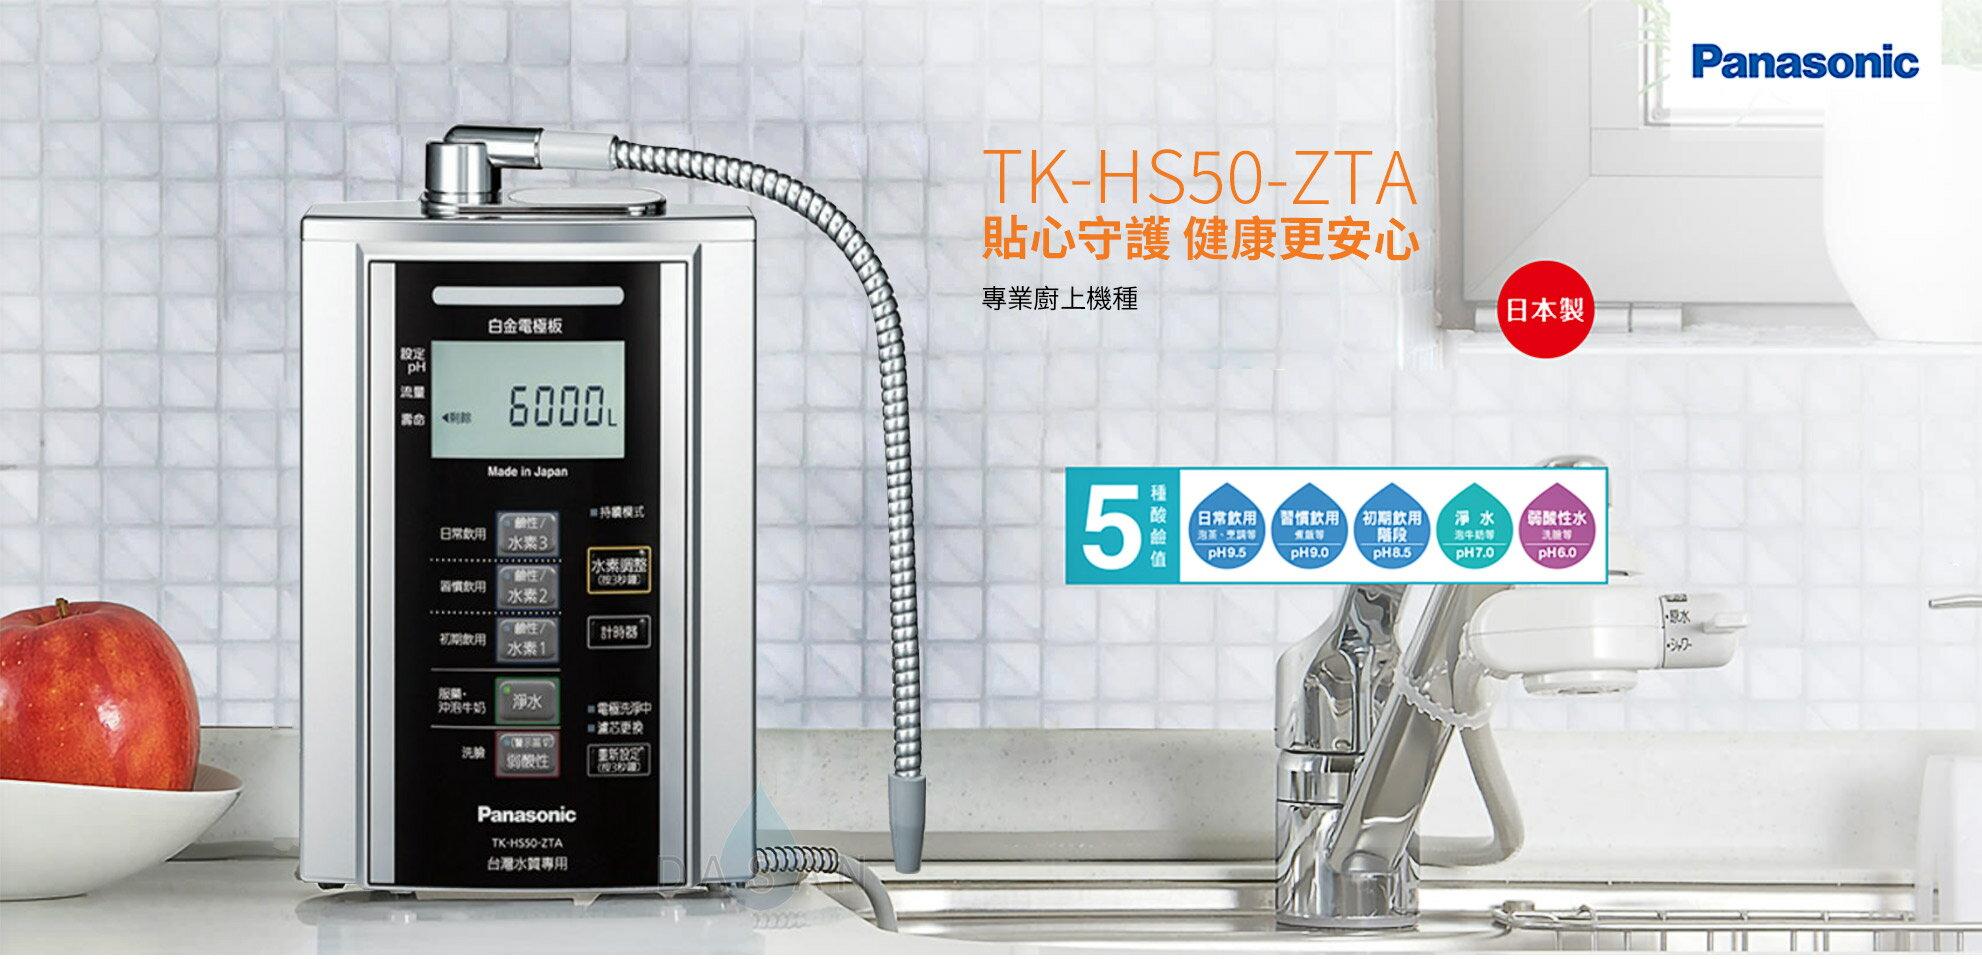 國際牌 Panasonic 鹼性離子整水器-櫥上型 TK-HS50-ZTA 廚上型 電解水機 HS50《附發票 含標準安裝 》